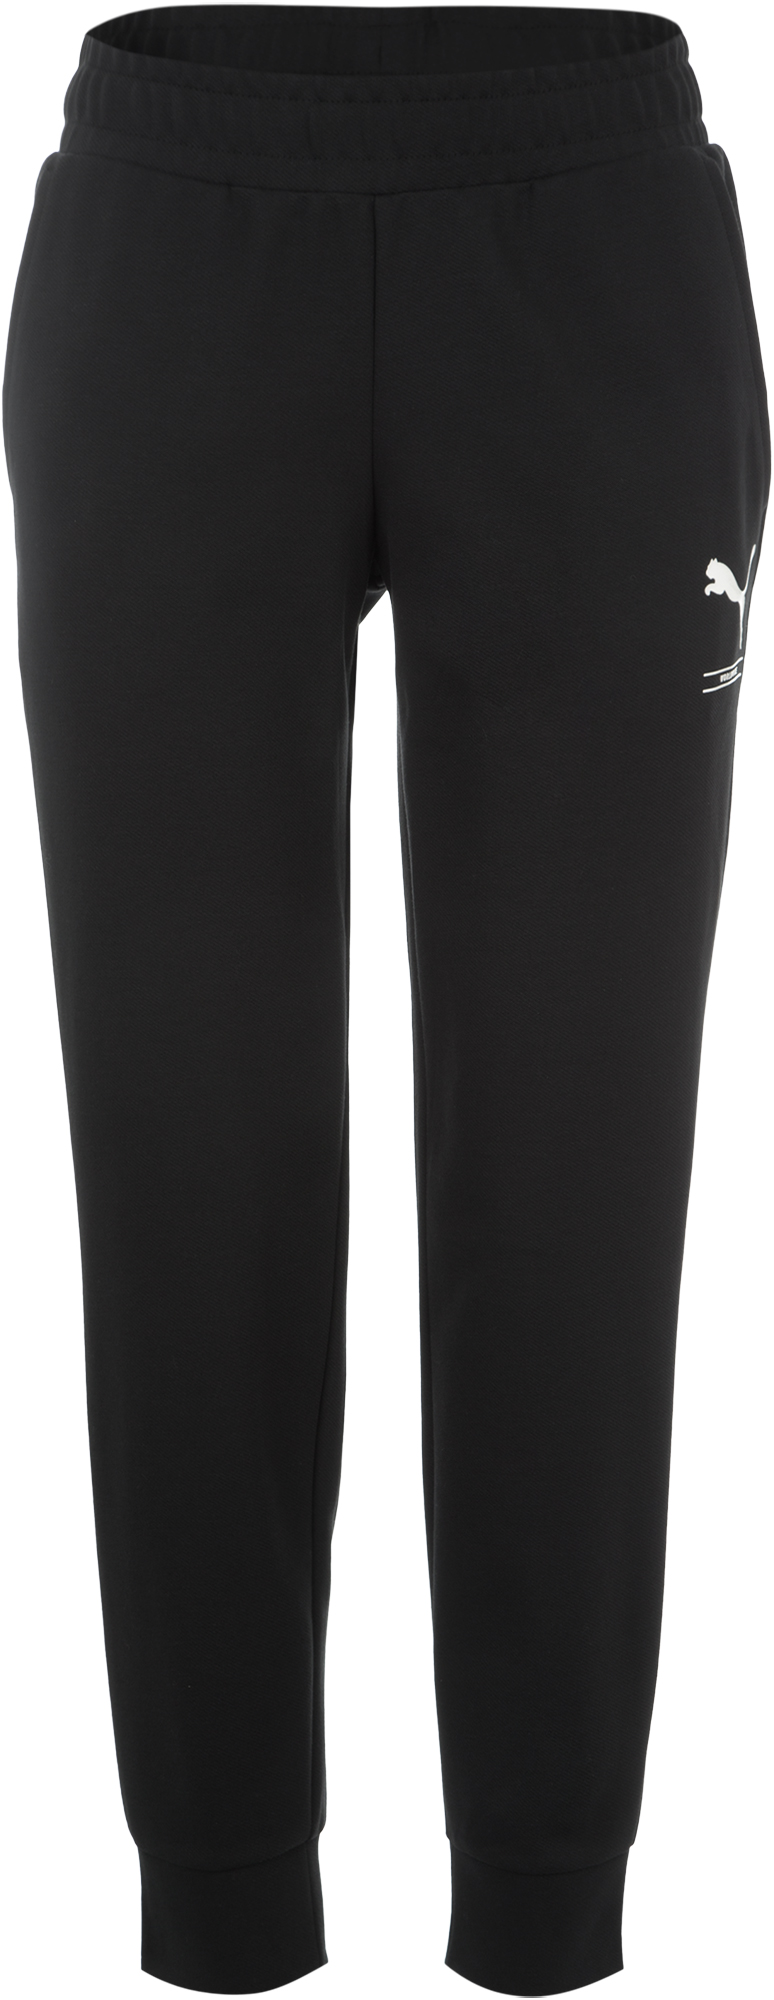 Puma Брюки женские Puma NU-TILITY, размер 48-50 брюки спортивные женские puma ess sweat pant tr w цвет светло серый 838430041 размер xl 48 50